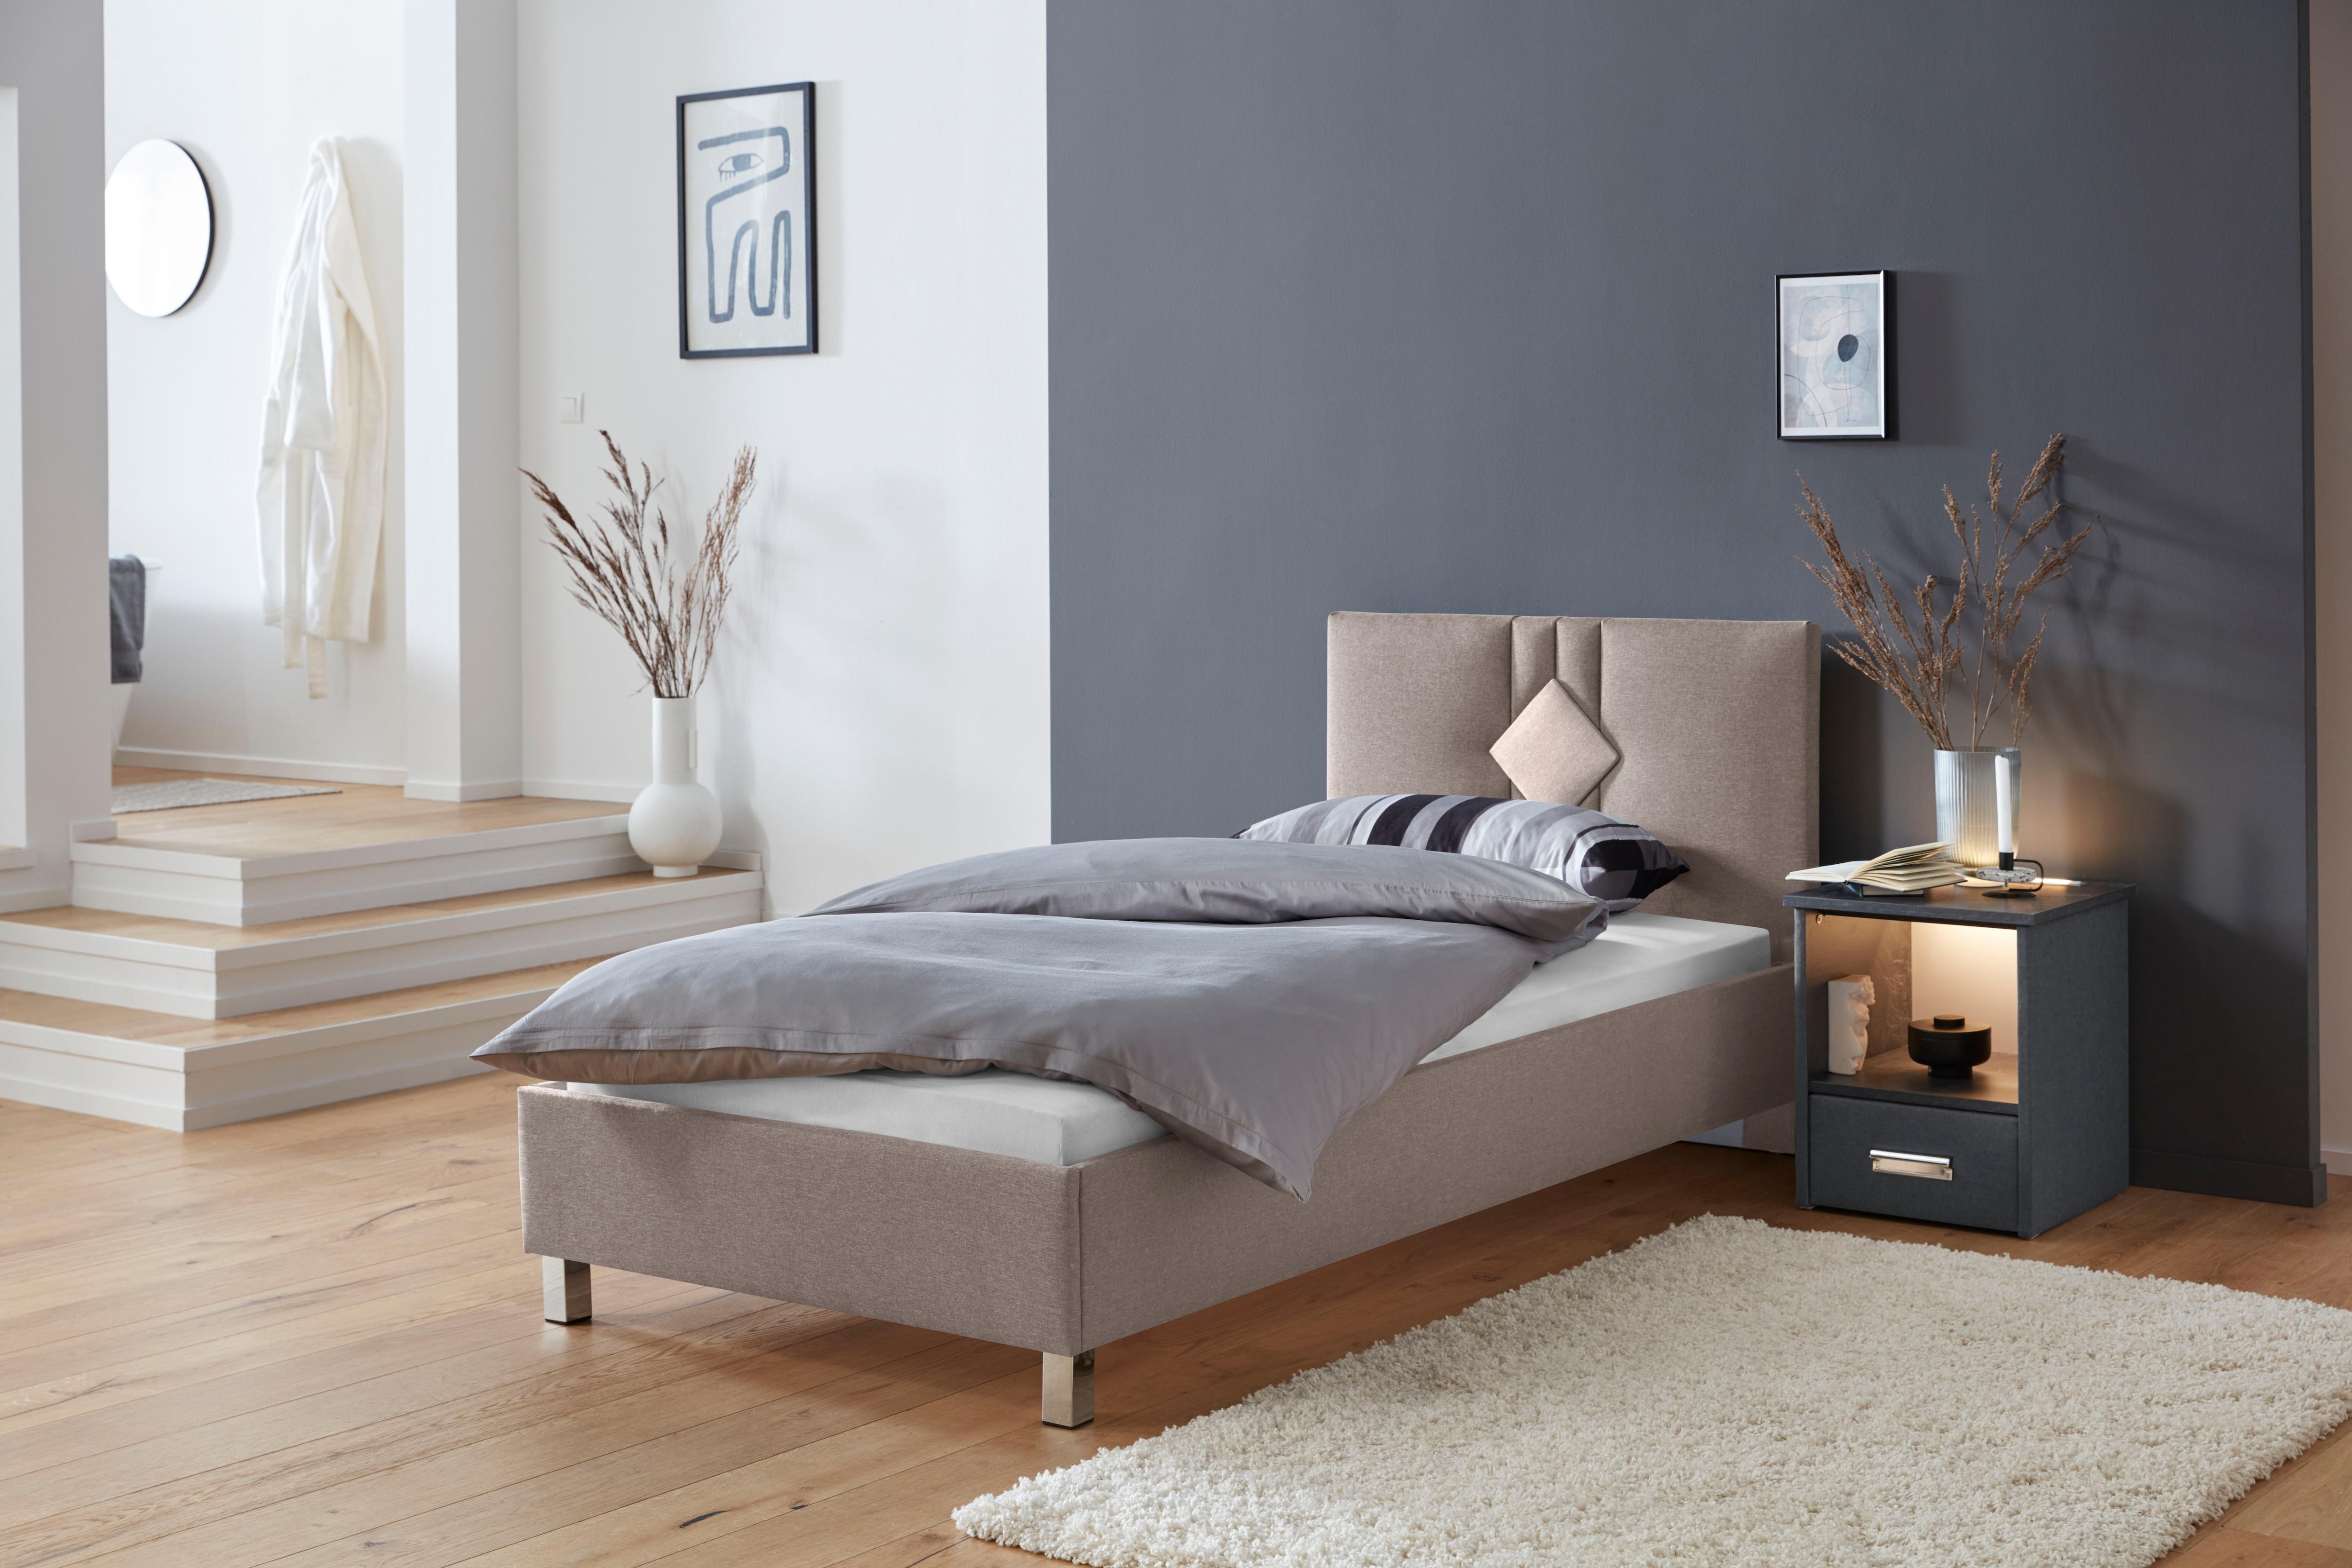 Westfalia Schlafkomfort Polsterbett günstig online kaufen